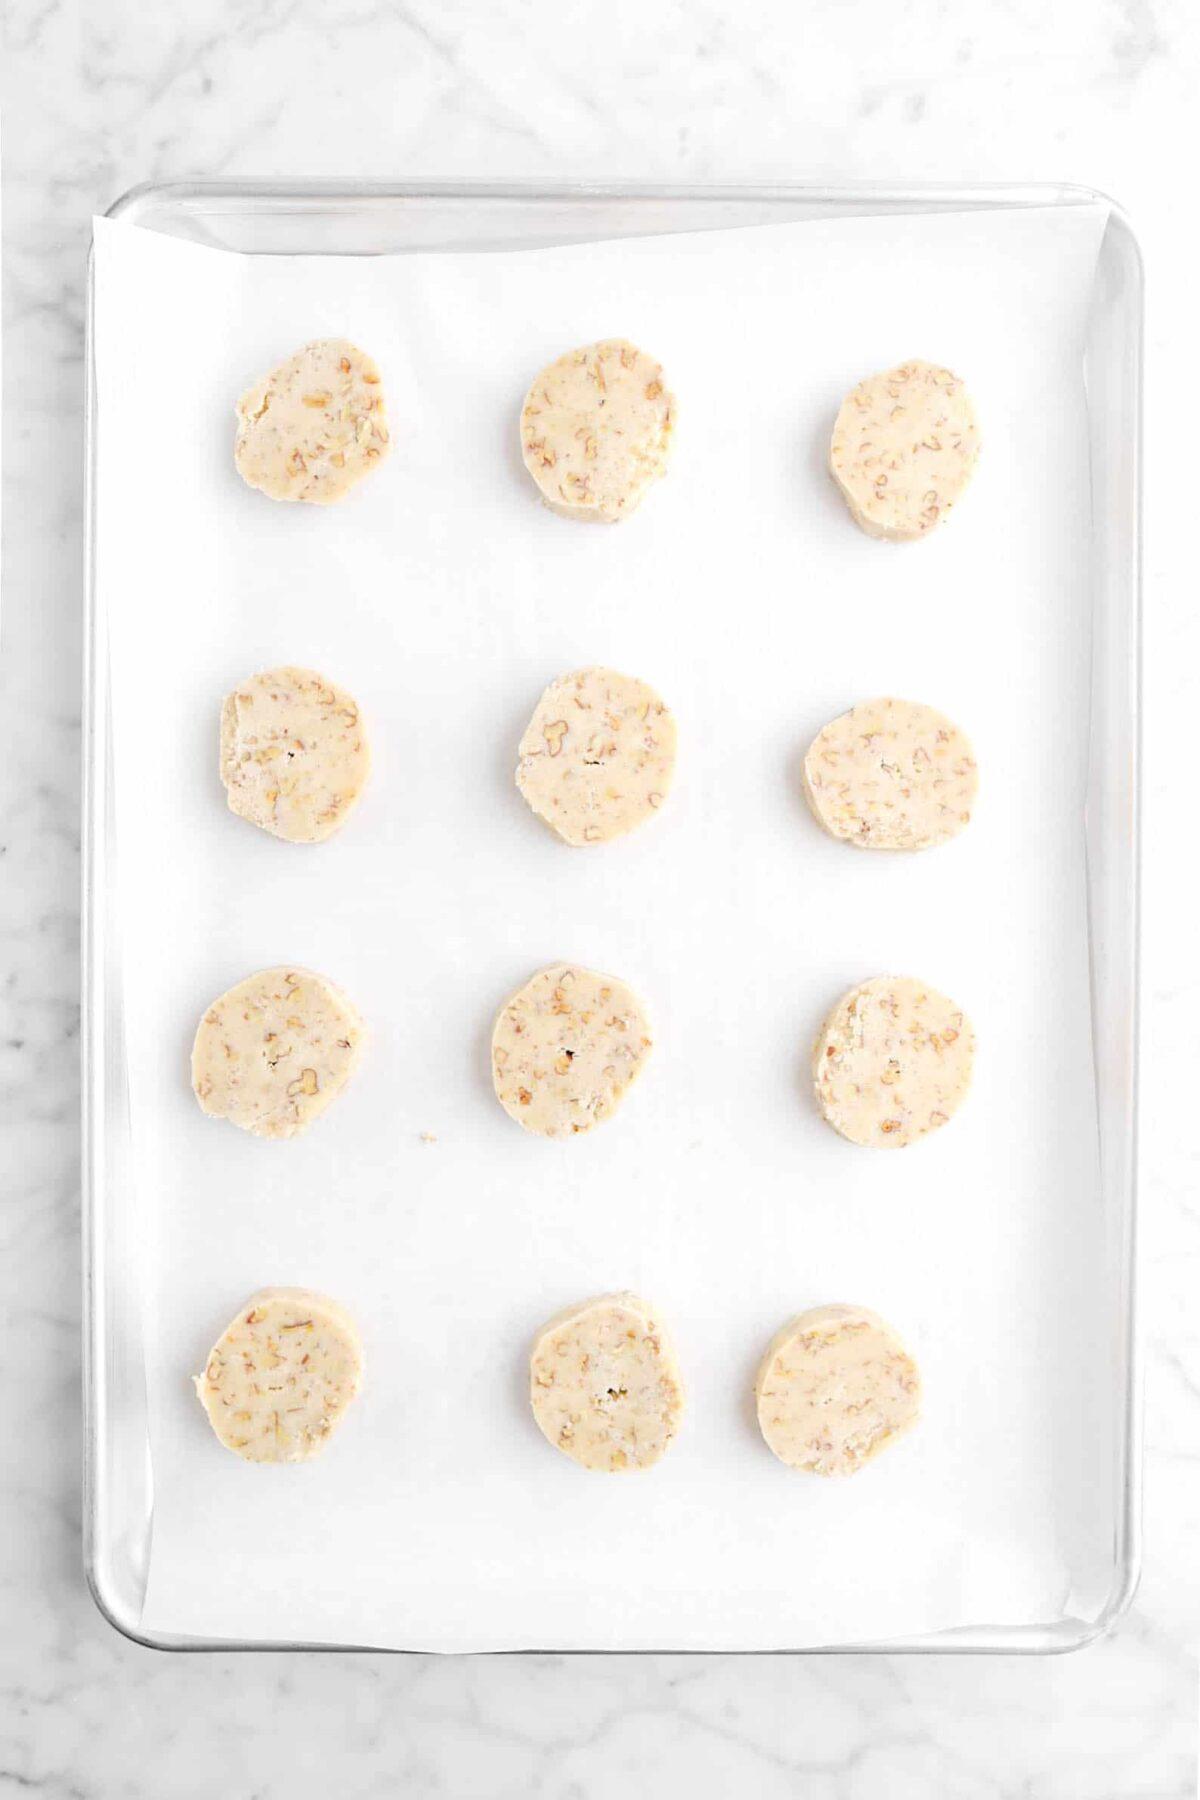 twelve cookies on a lined sheet pan